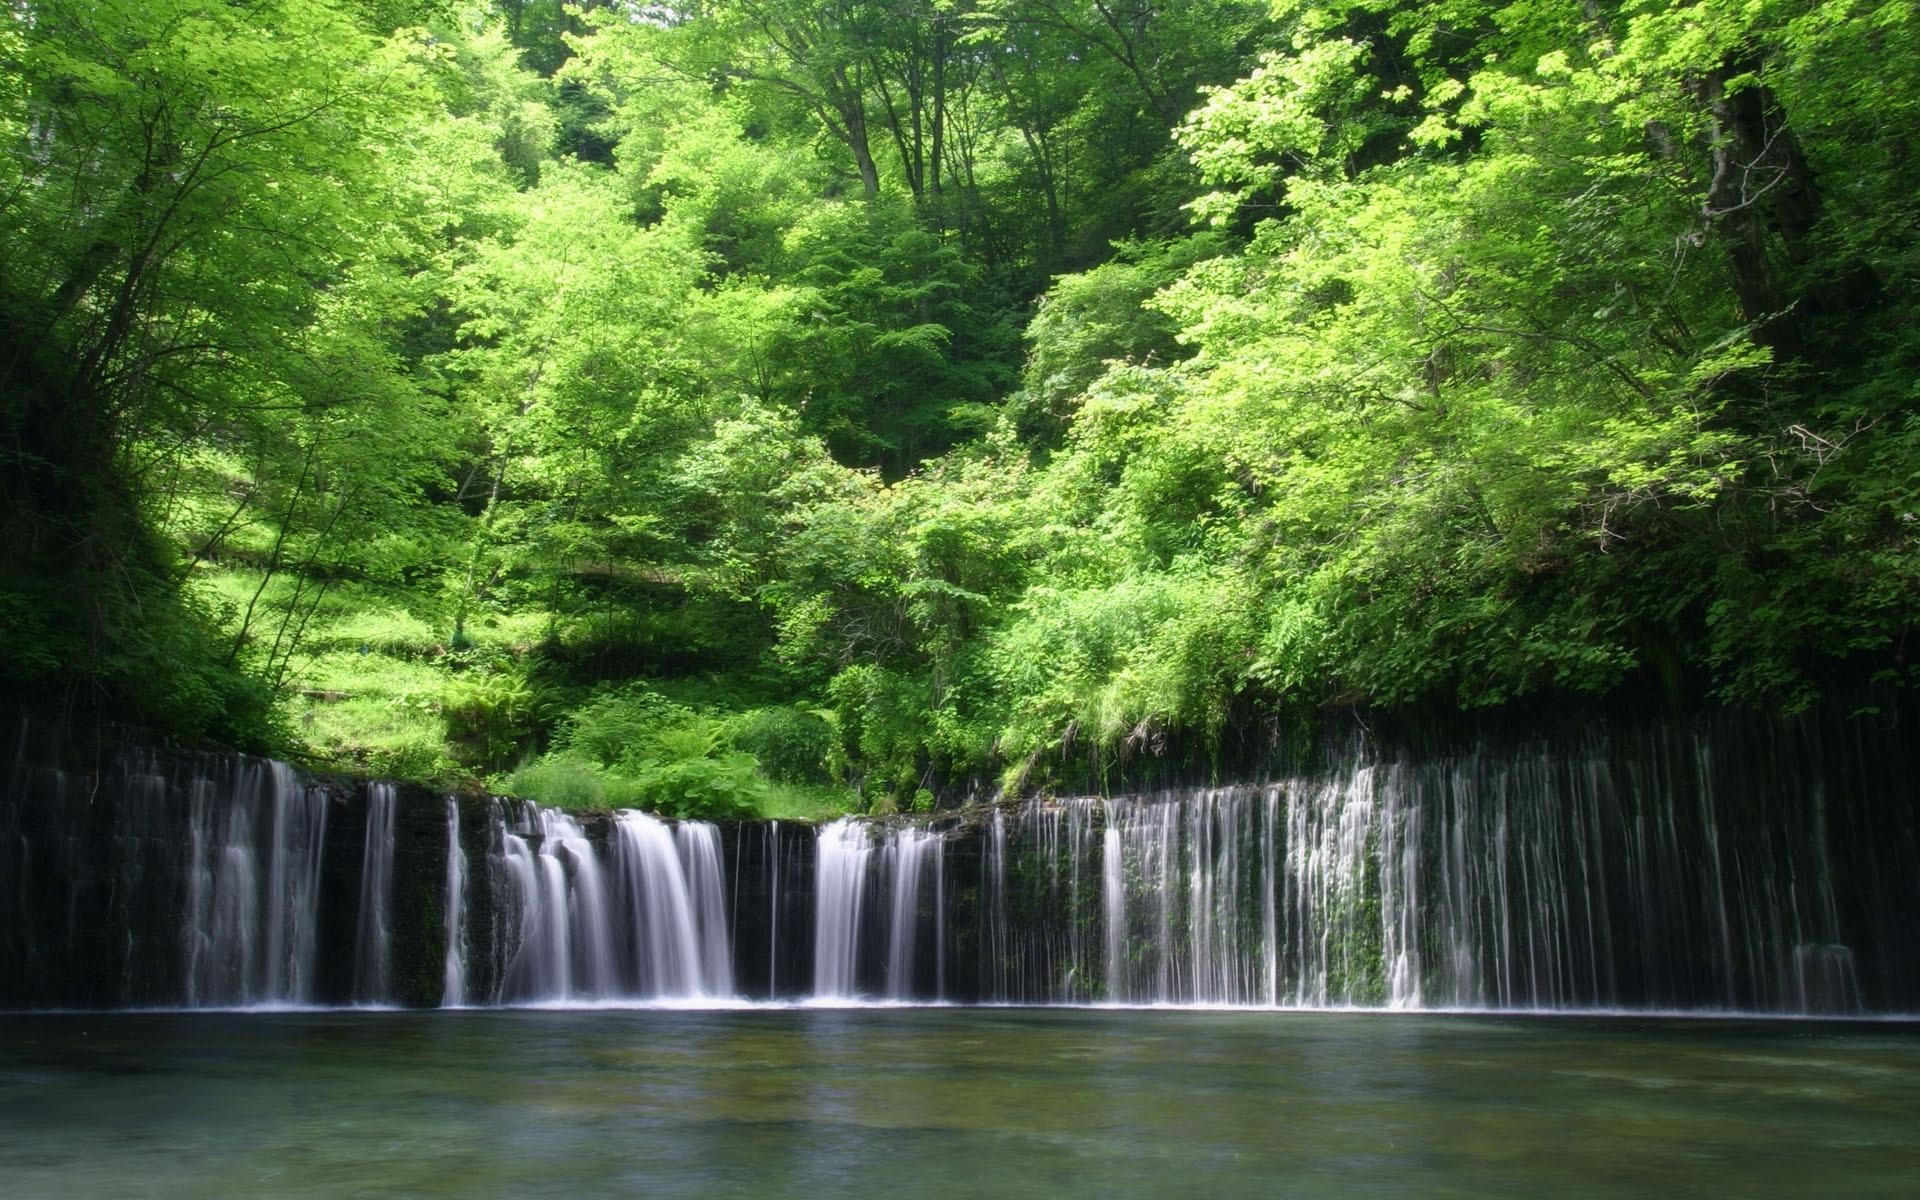 23536 скачать обои Пейзаж, Река, Деревья, Водопады - заставки и картинки бесплатно